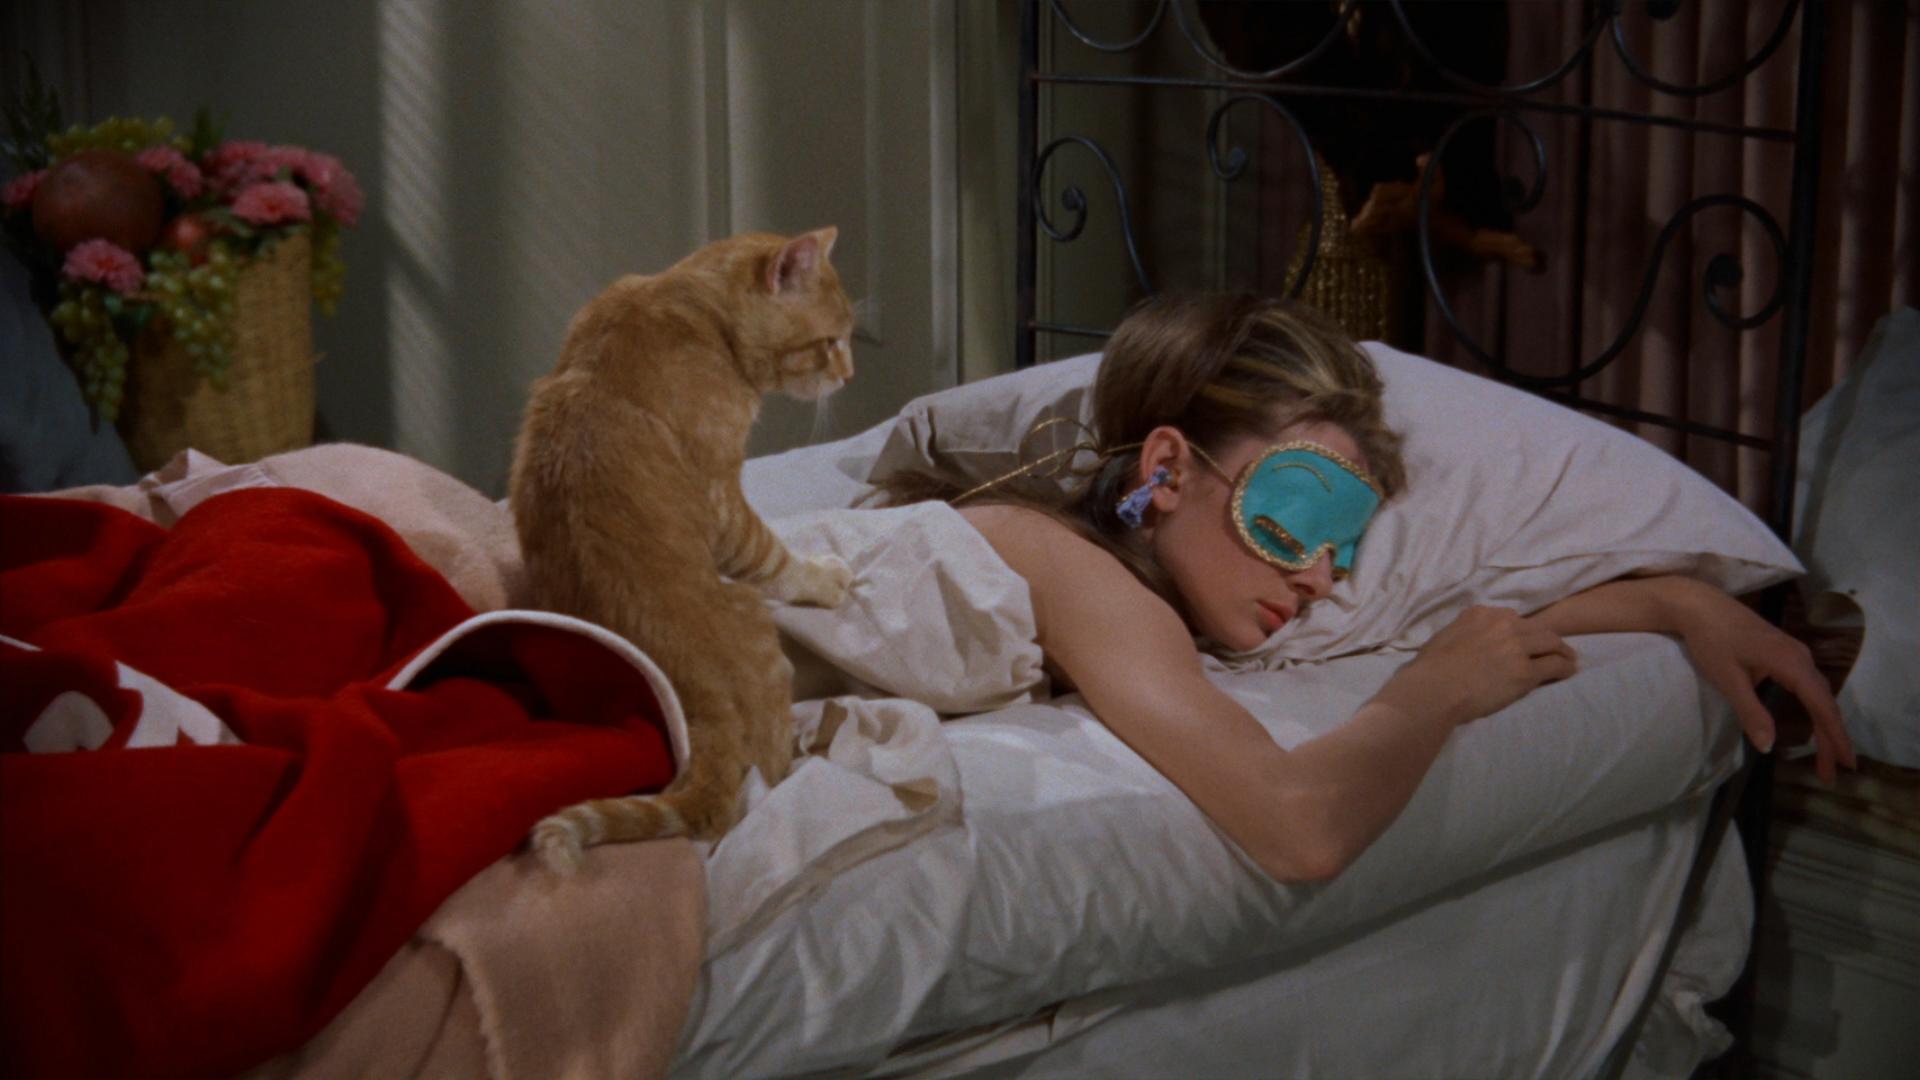 El gato cuidando el sueño.